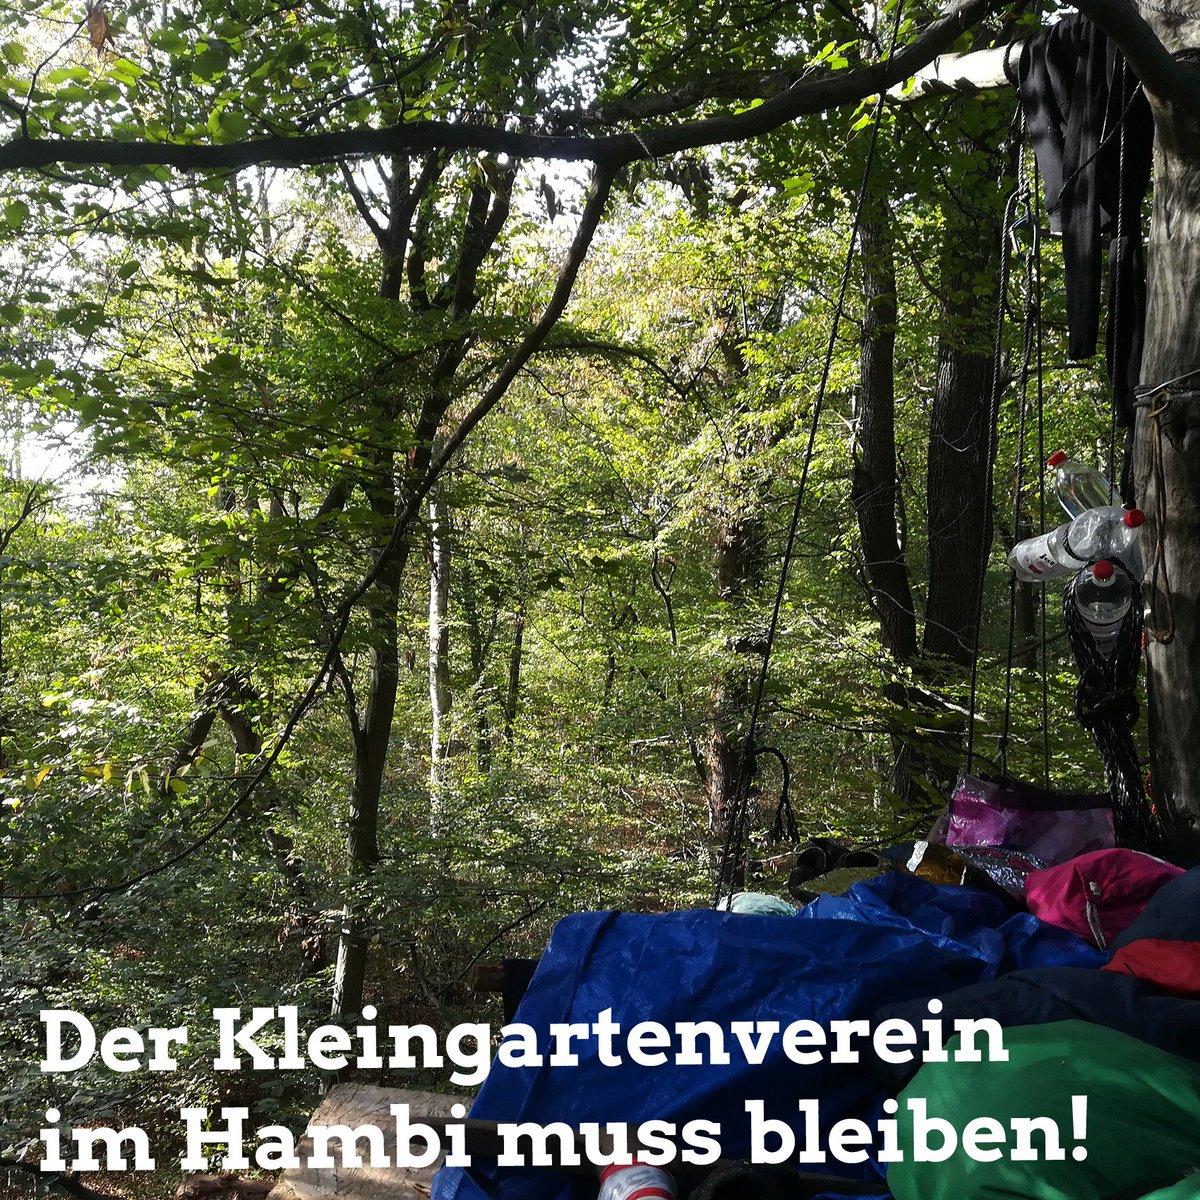 Kleingartenverein Hashtag On Twitter